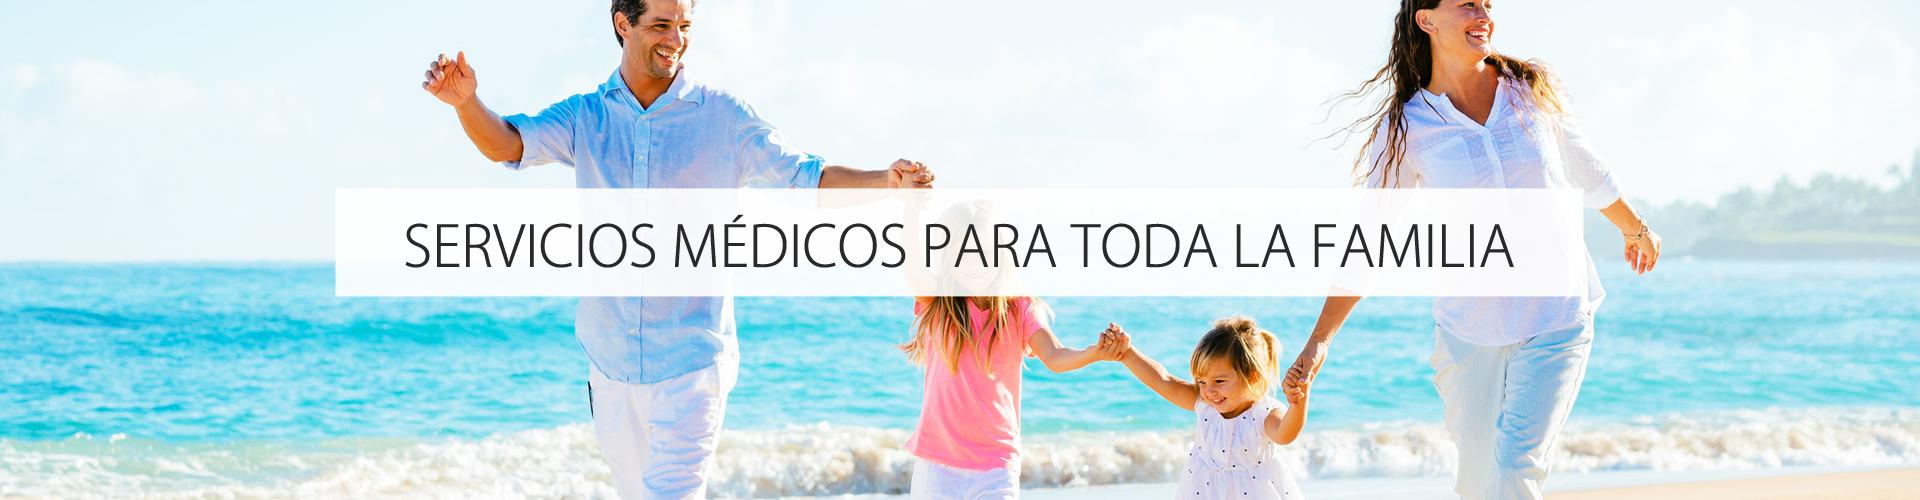 clinica-medicina-para-toda-la-familia-vigo